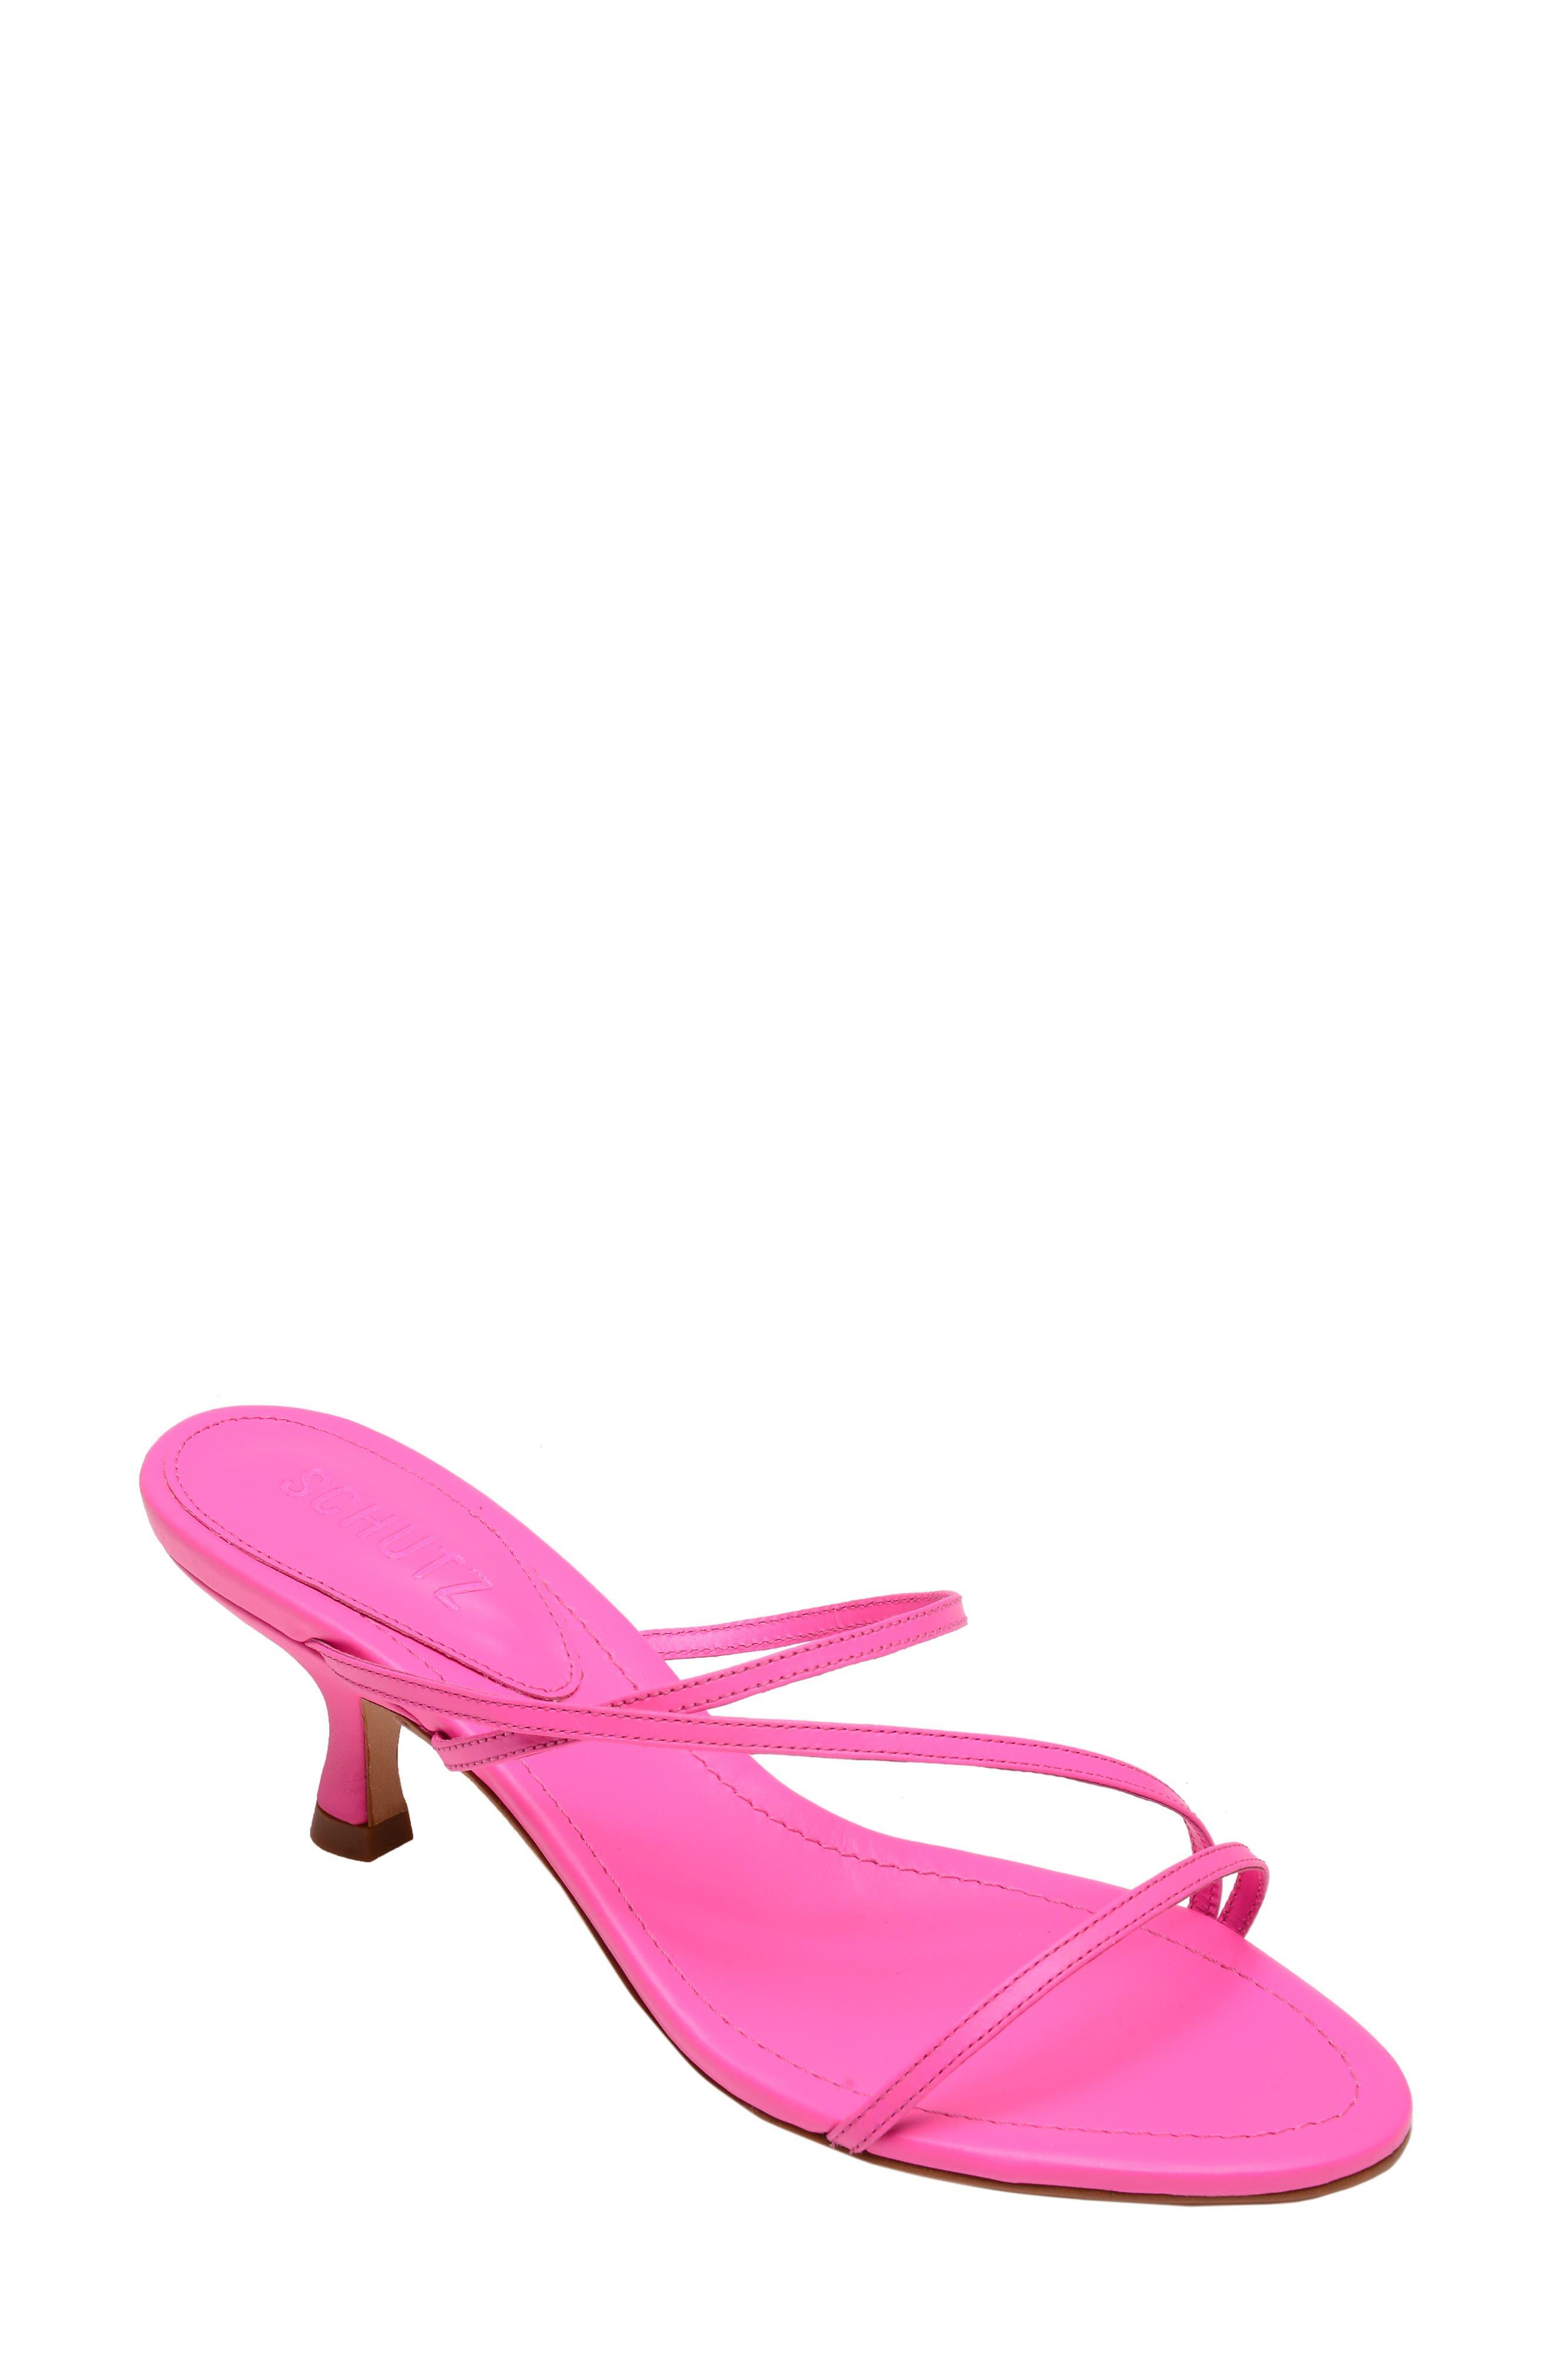 SCHUTZ, Evenise Slide Sandal, Main thumbnail 1, color, NEON PINK